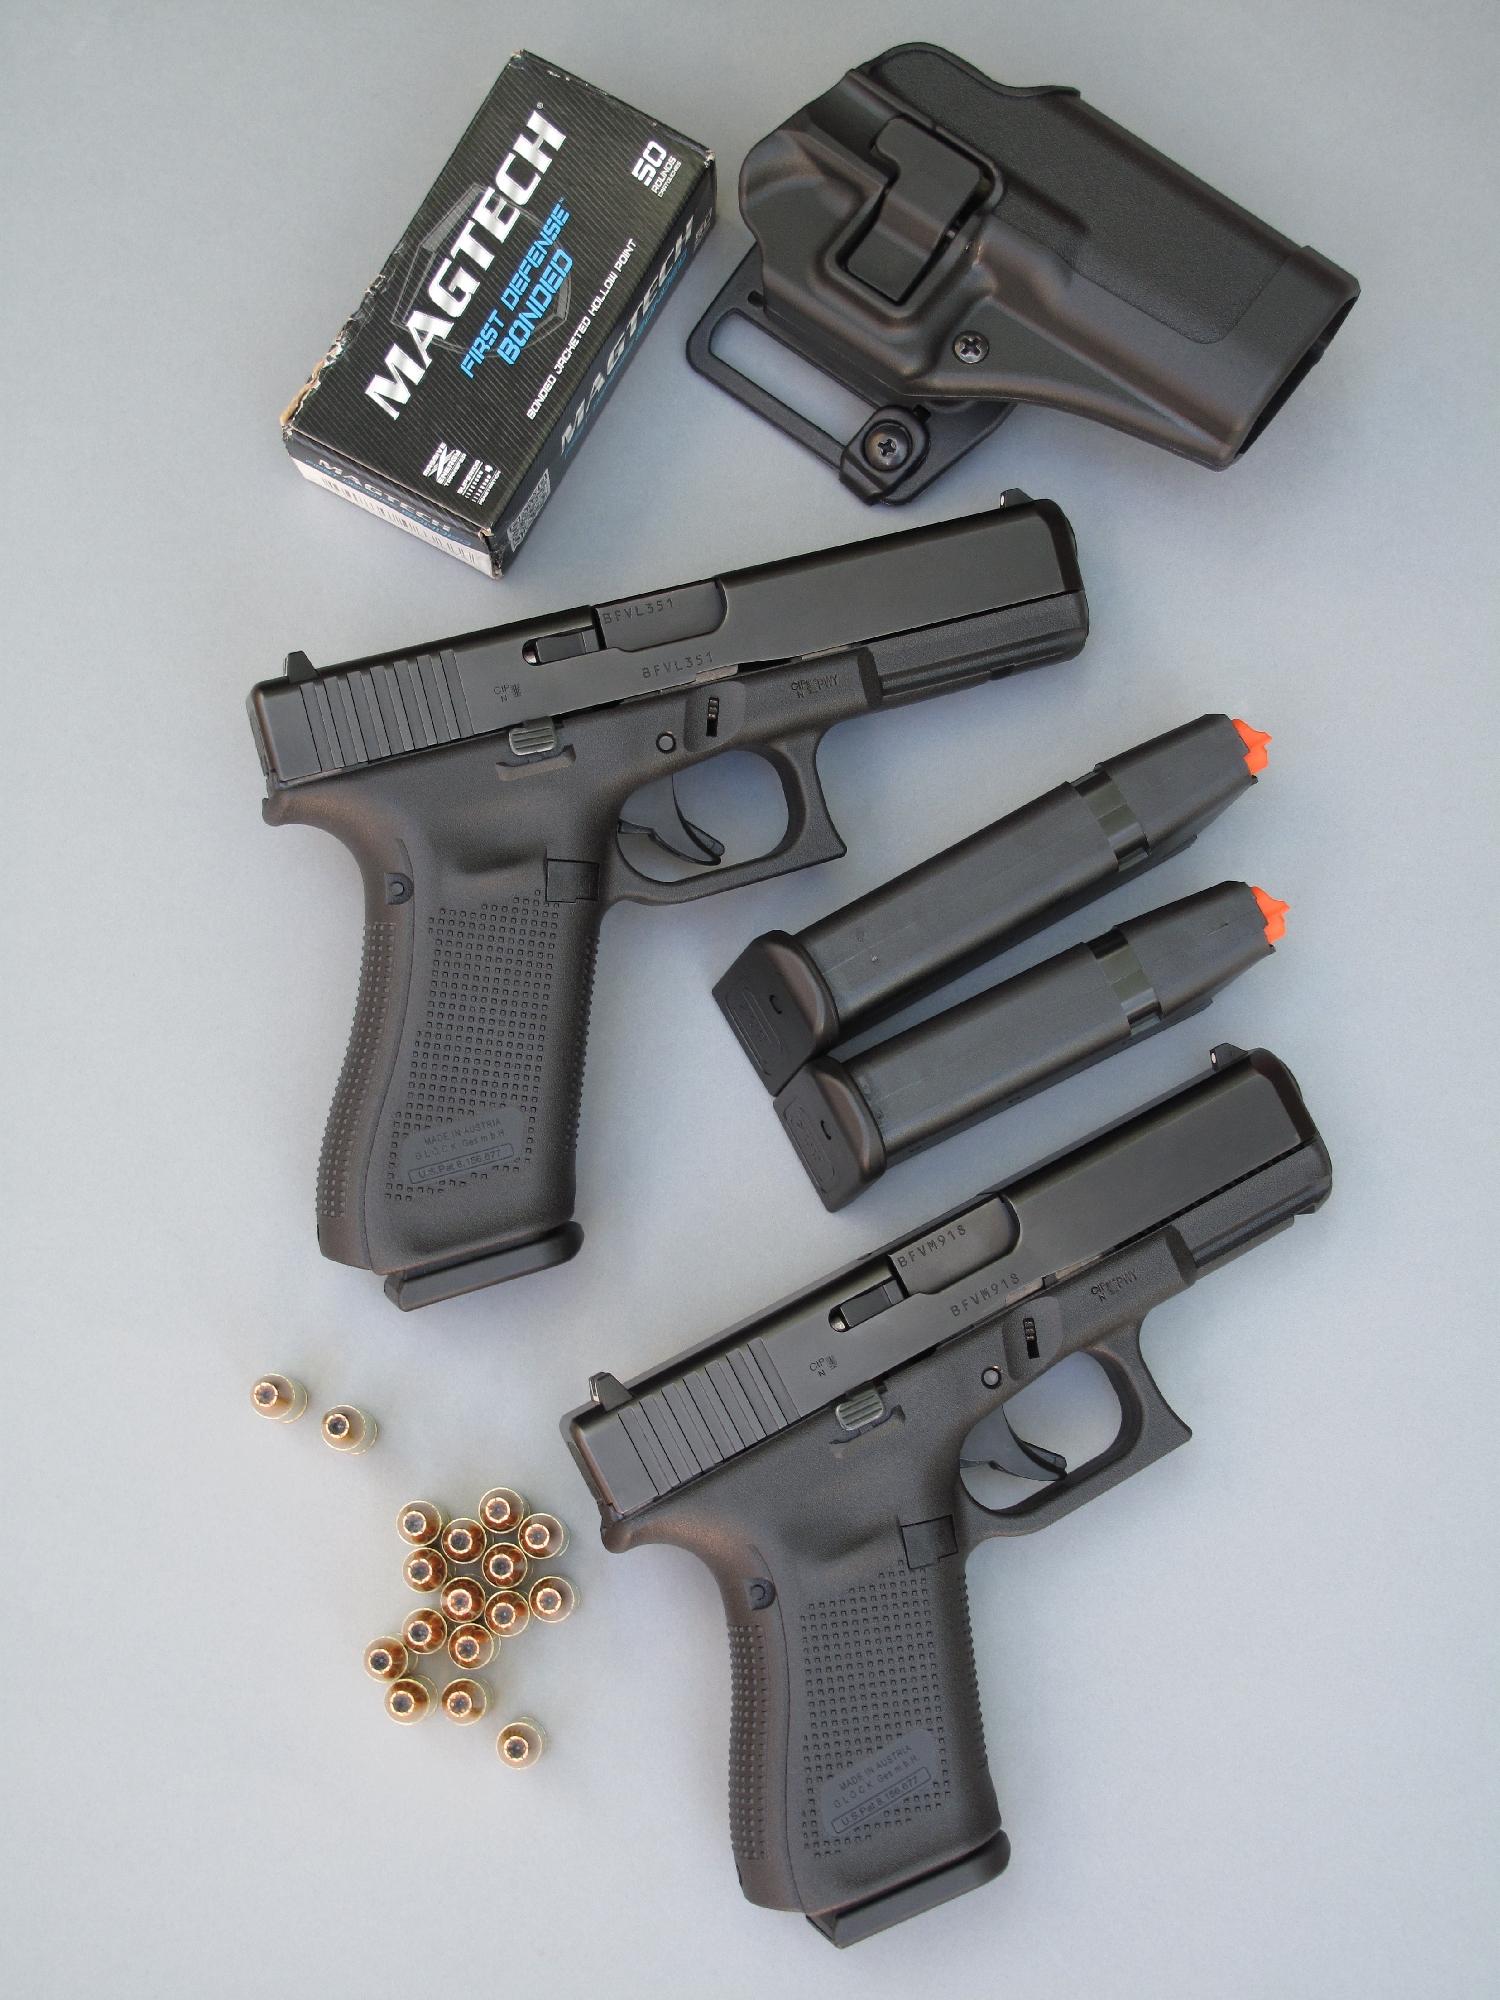 Les pistolets semi-automatiques Glock 17 Gen5 et Glock 19 Gen5 sont accompagnés ici par leurs chargeurs respectifs de 17 et 15 coups, par un holster à rétention « Serpa Concealment » de la firme américaine Blackhawk et par une boîte de 50 cartouches à balle blindée expansive « First Defense » de la firme brésilienne Magtech.